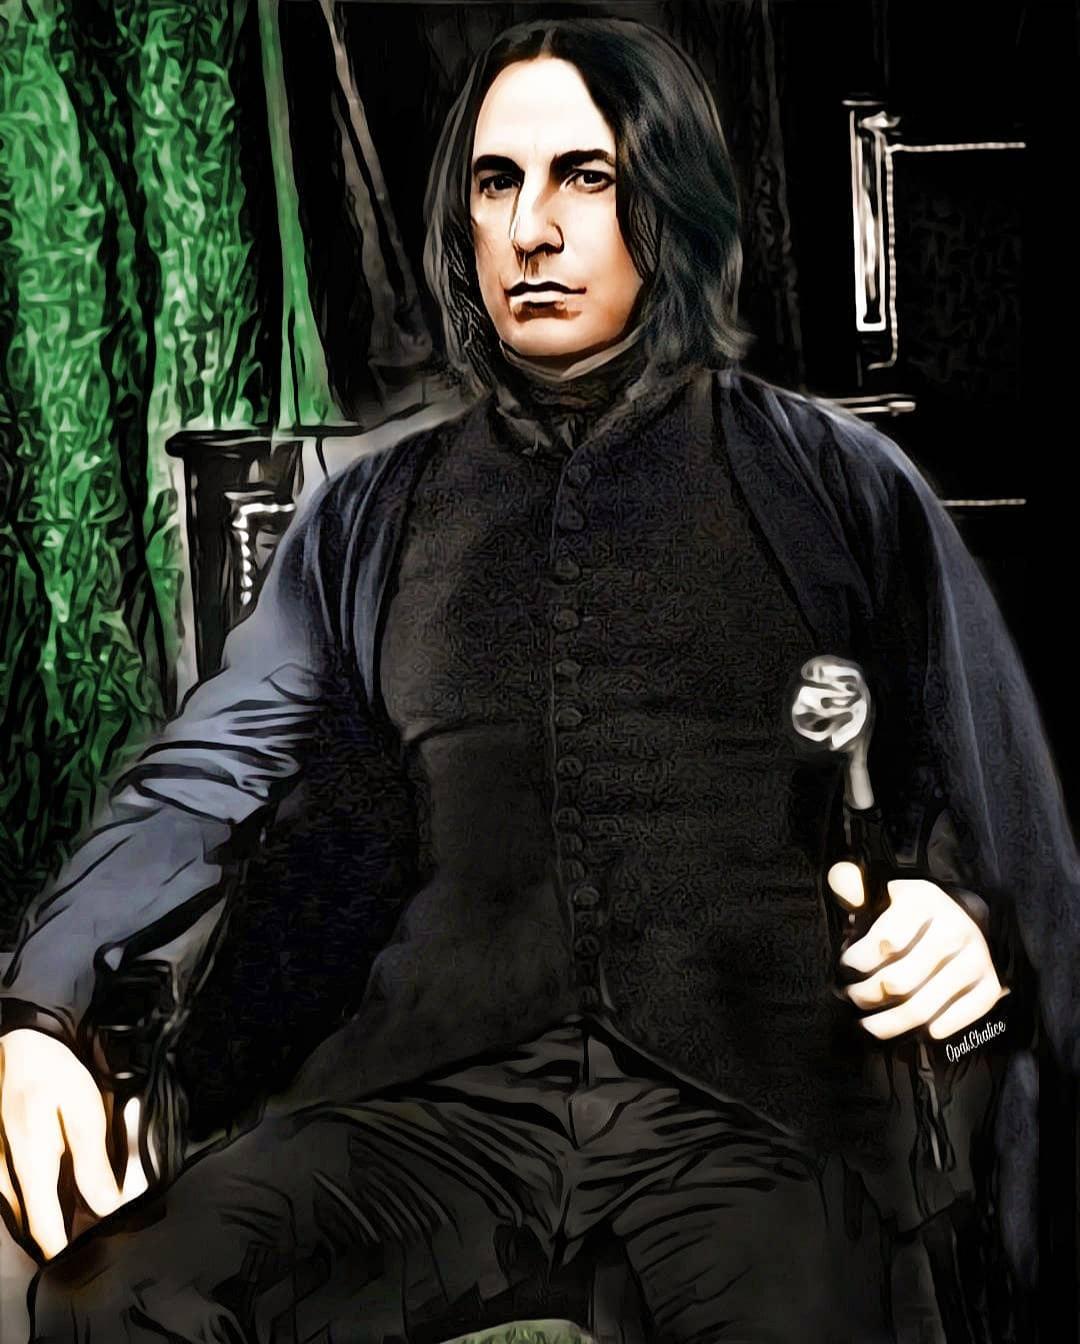 Snape : A True Slytherin